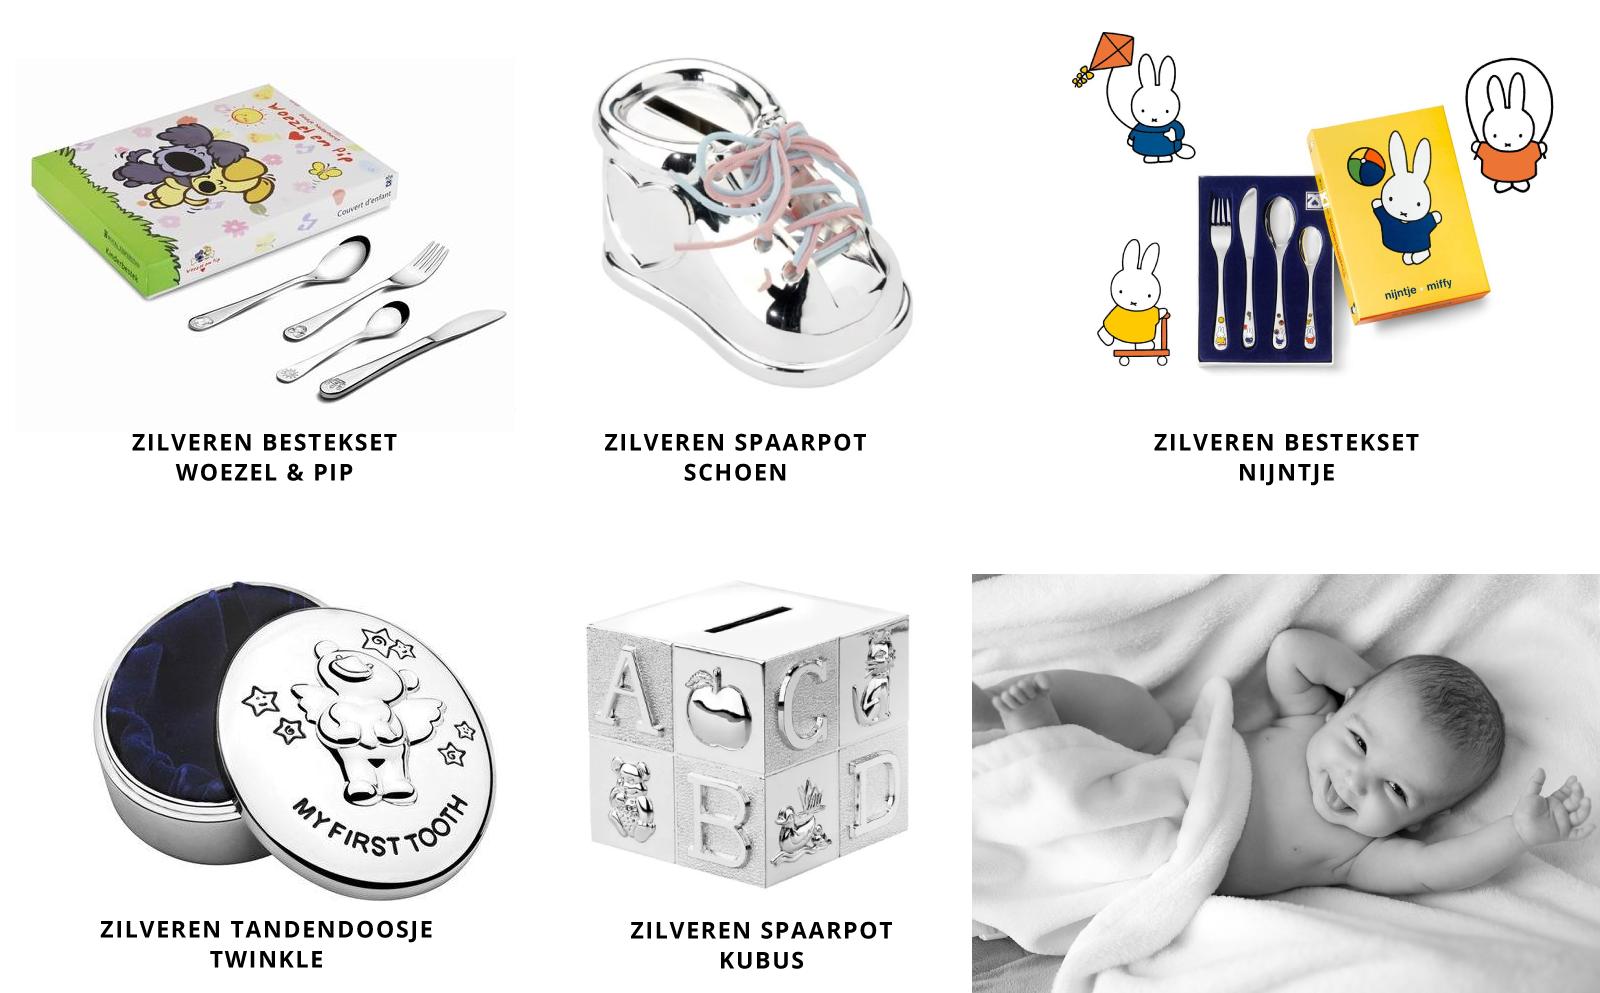 Zilverden-bestekset,-zilveren-spaarpot,-zilveren-tandendoosje-kraamcadeautjes-kopen-bij-Wolters-Juweliers-Coevorden-Emmen